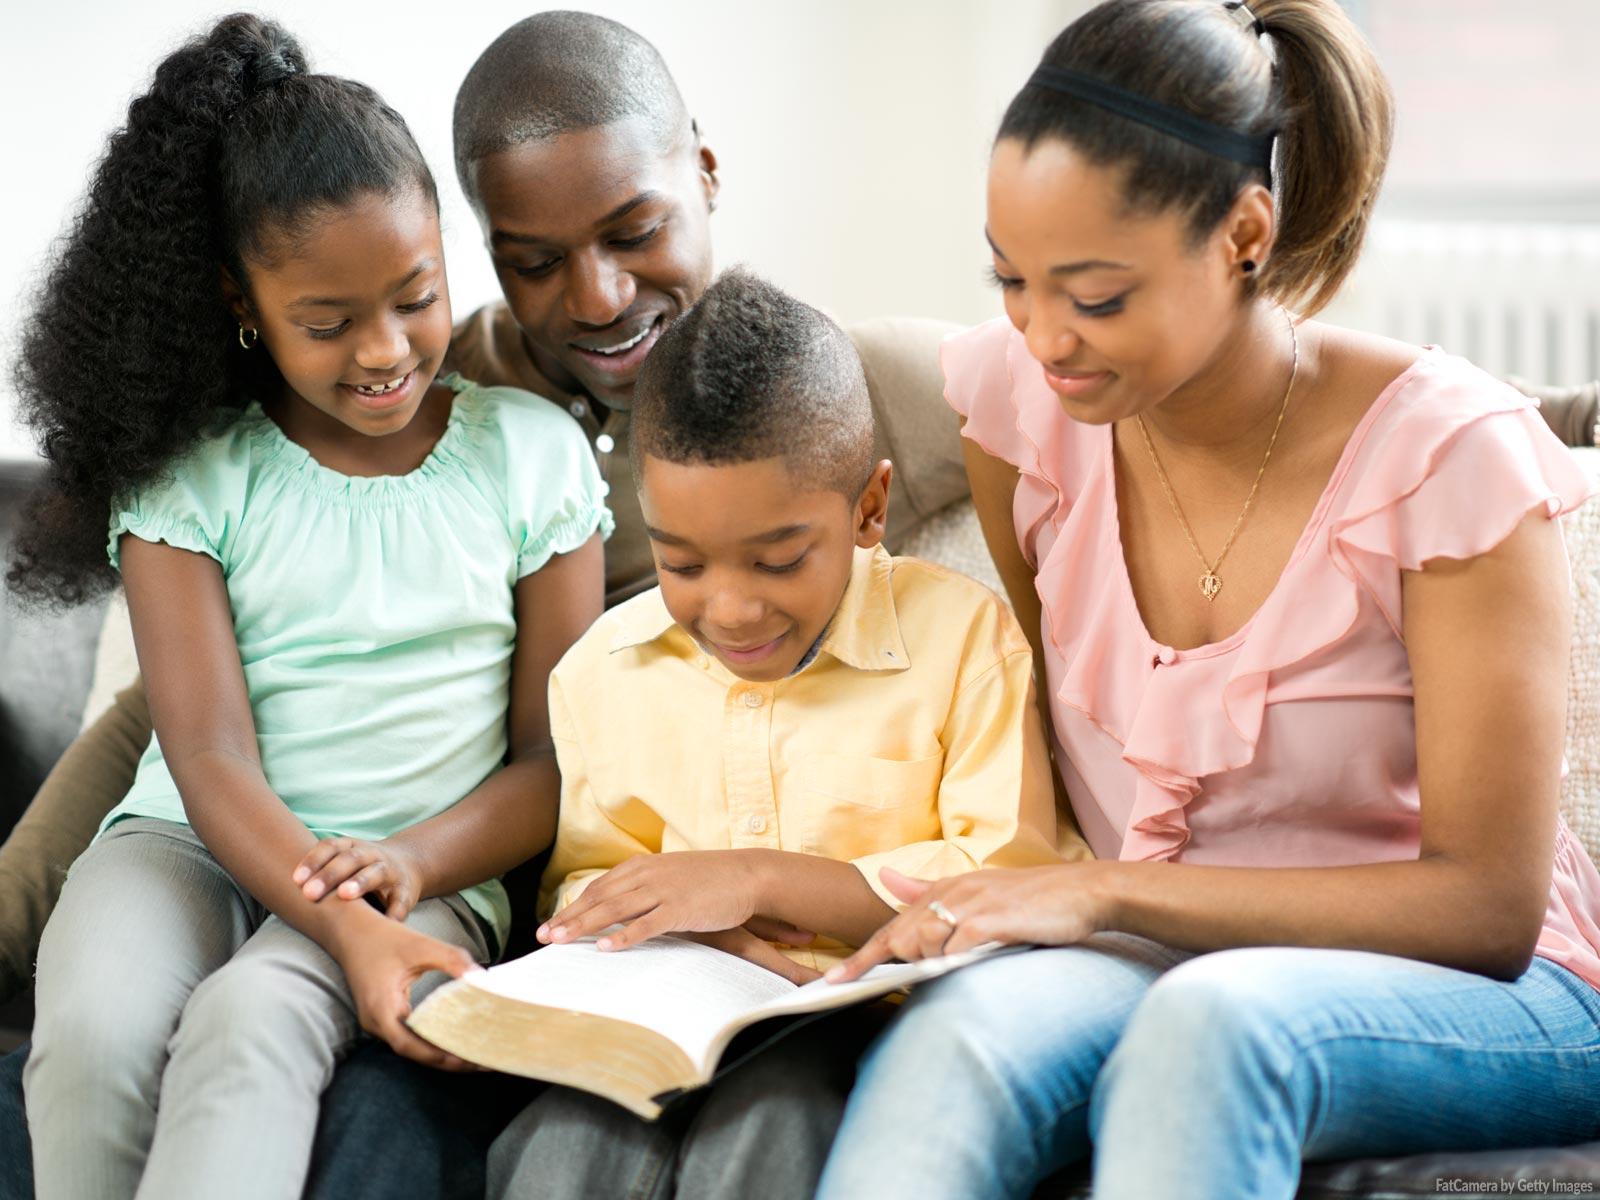 Como podemos fortalecer o amor na família